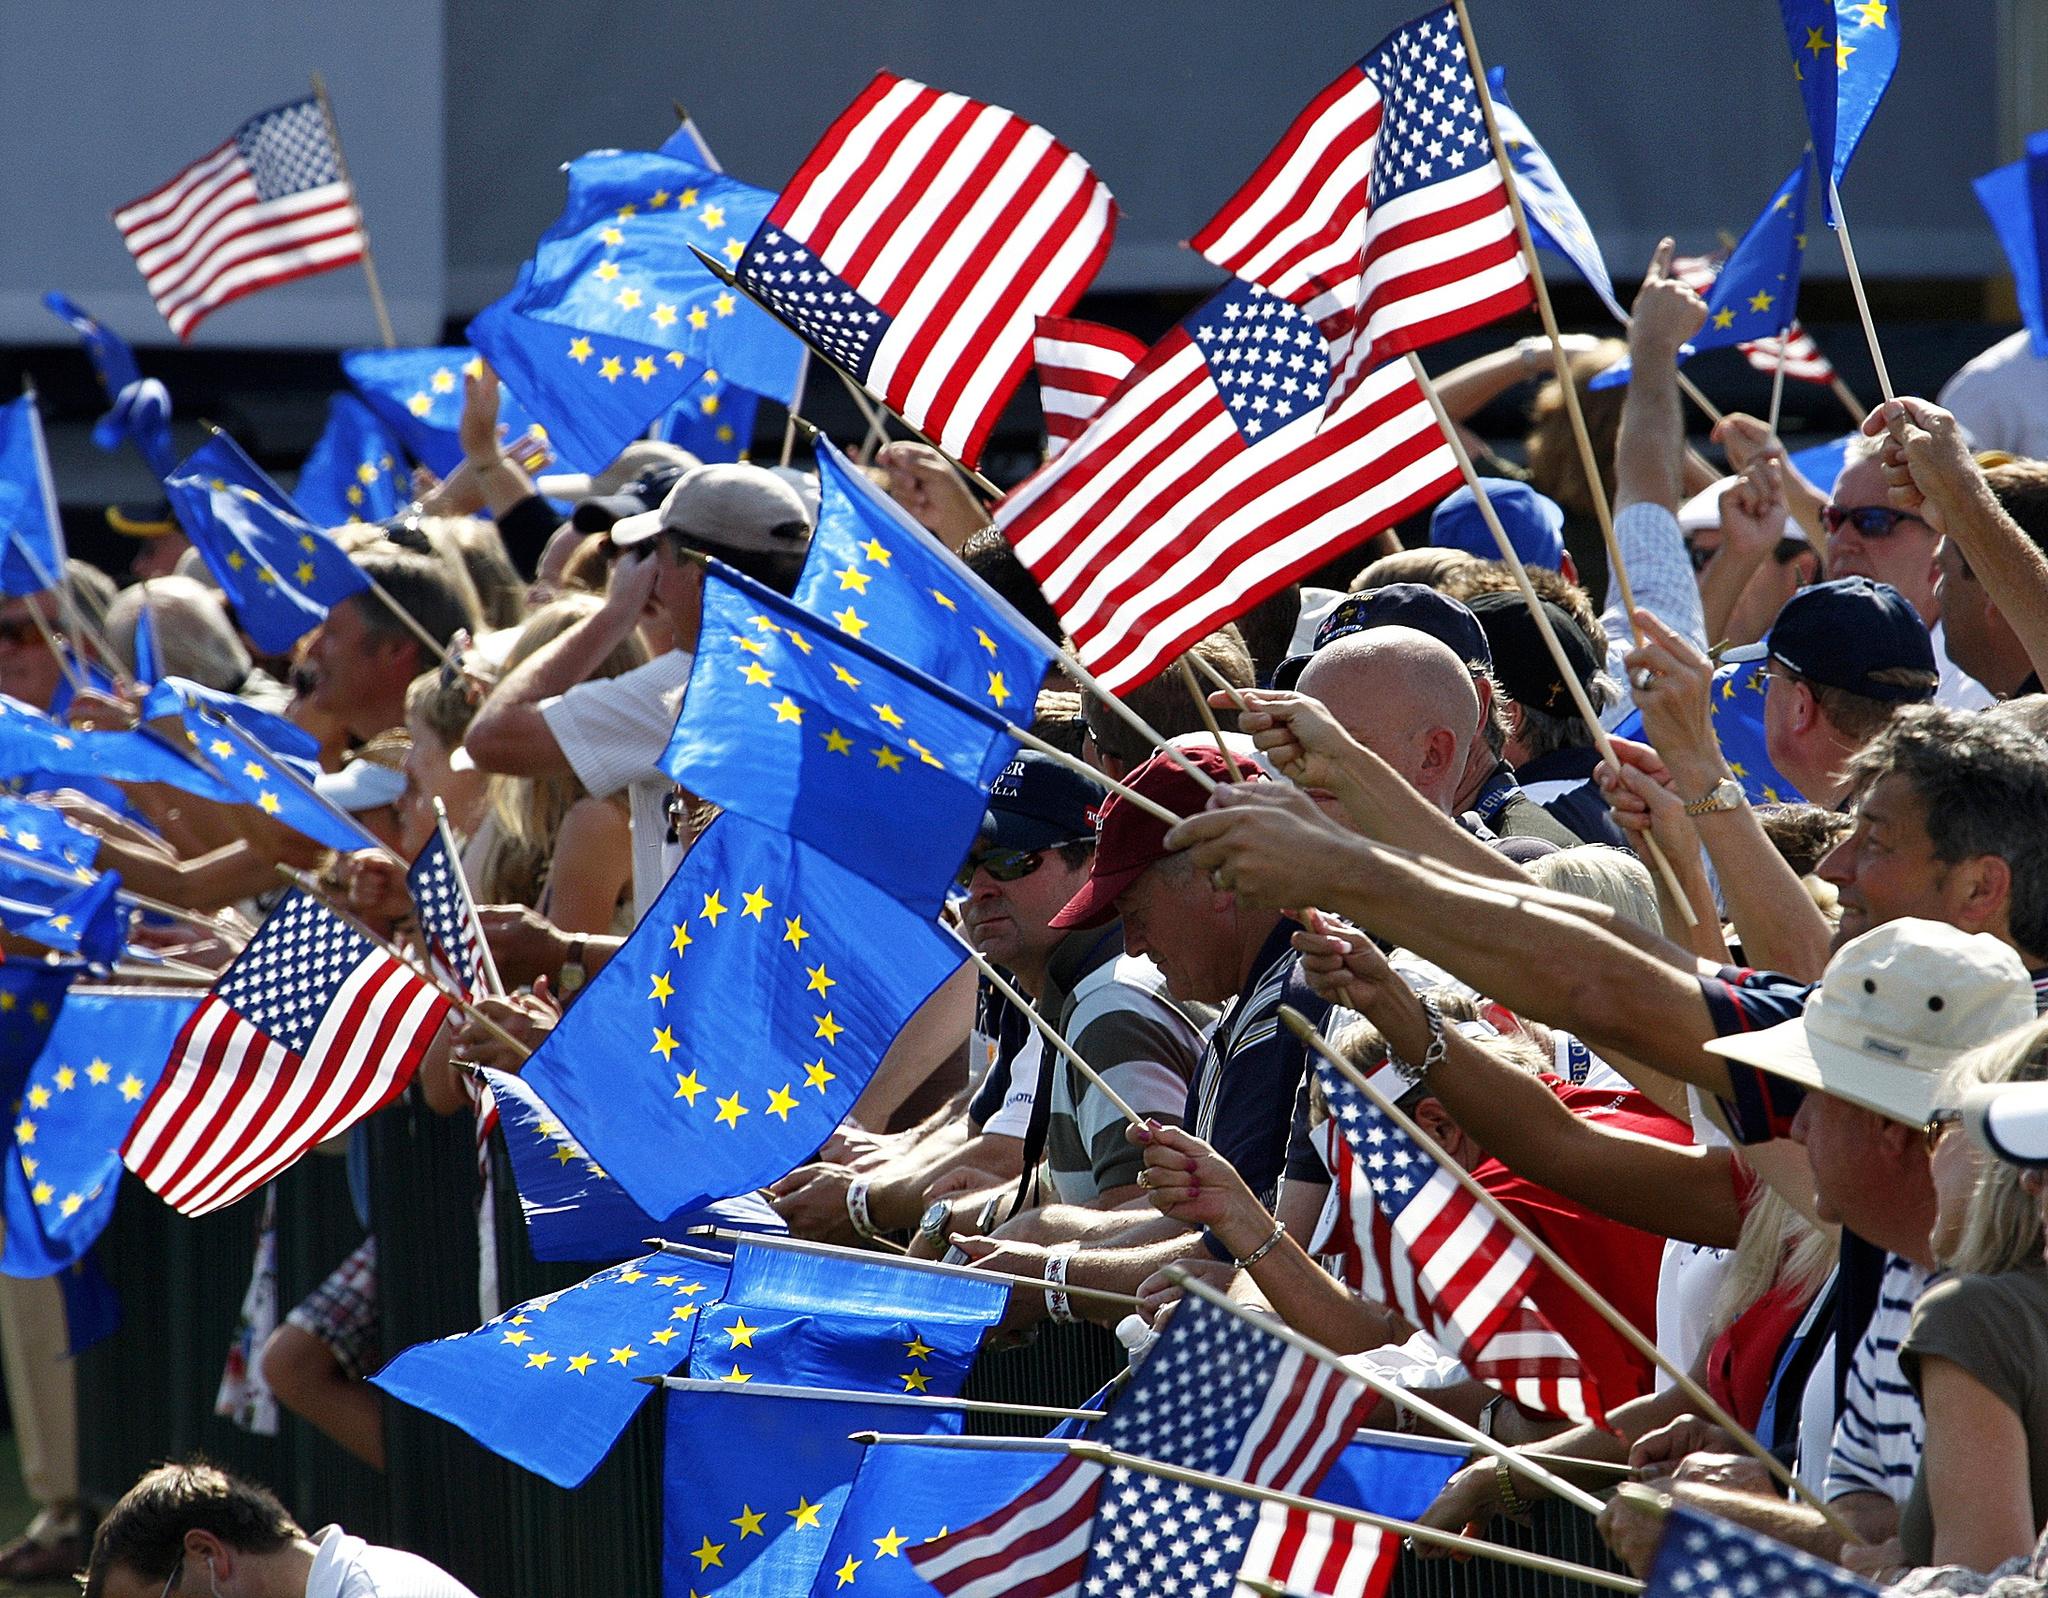 Ondean banderas de EEUU y la UE, en Kentucky.